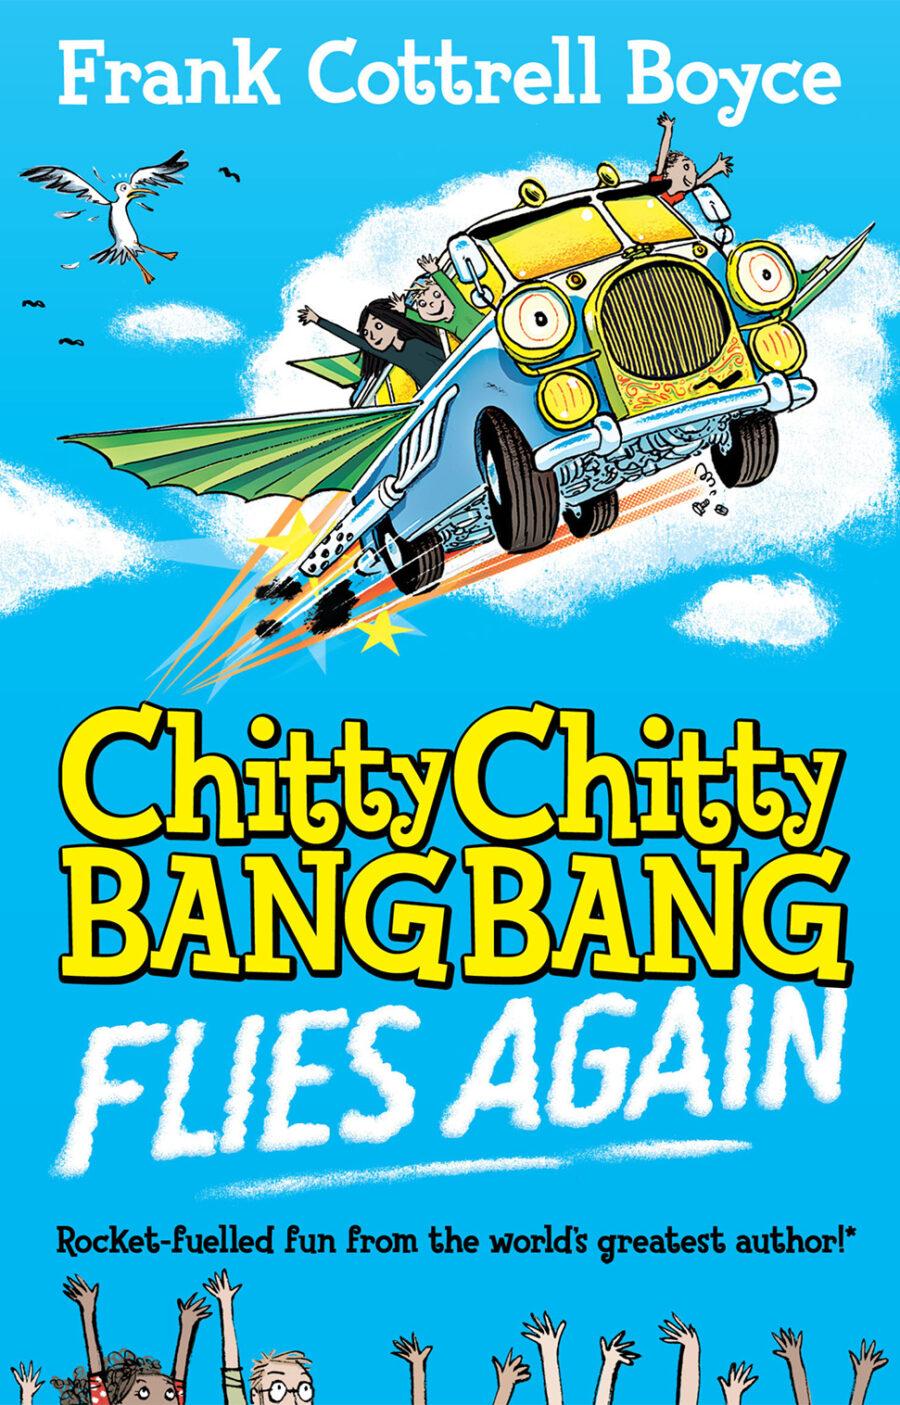 02_CCBB_flies_again_main